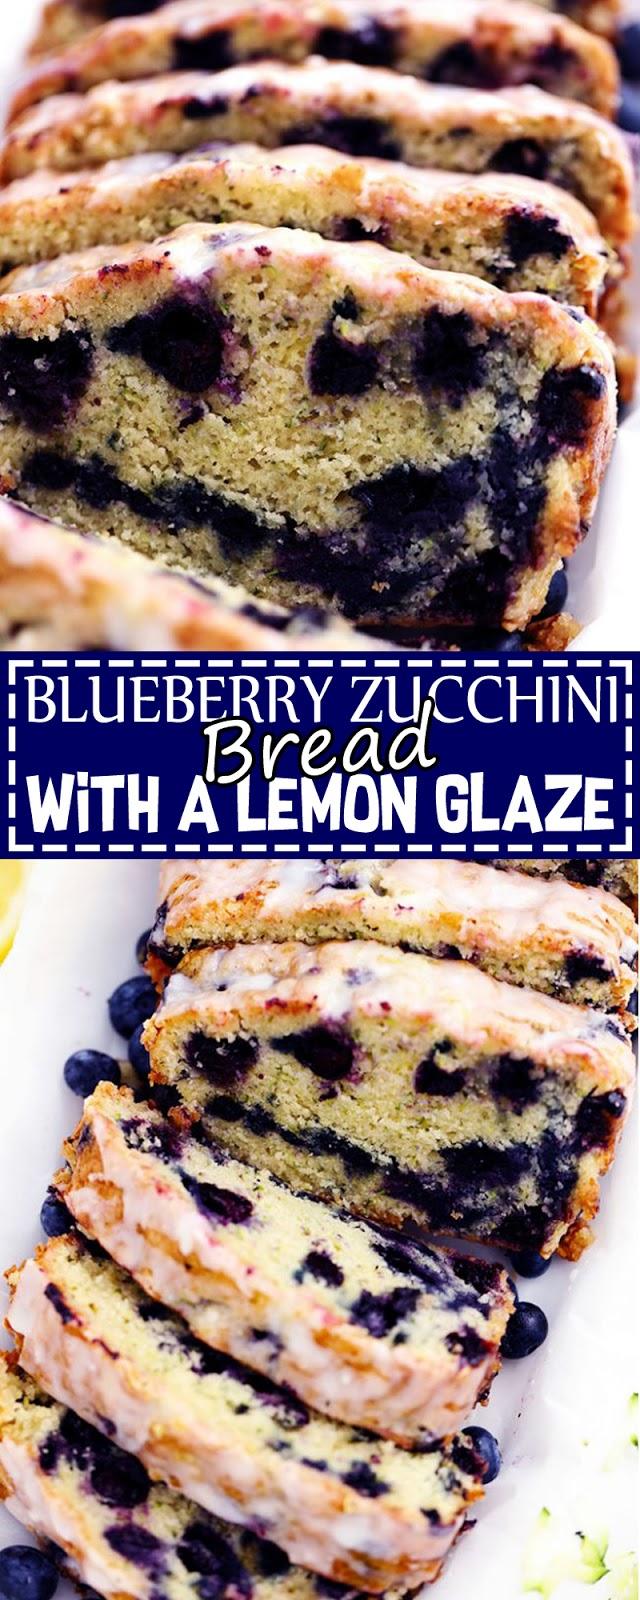 BLUEBERRY ZUCCHINI BREAD WITH A LEMON GLAZE